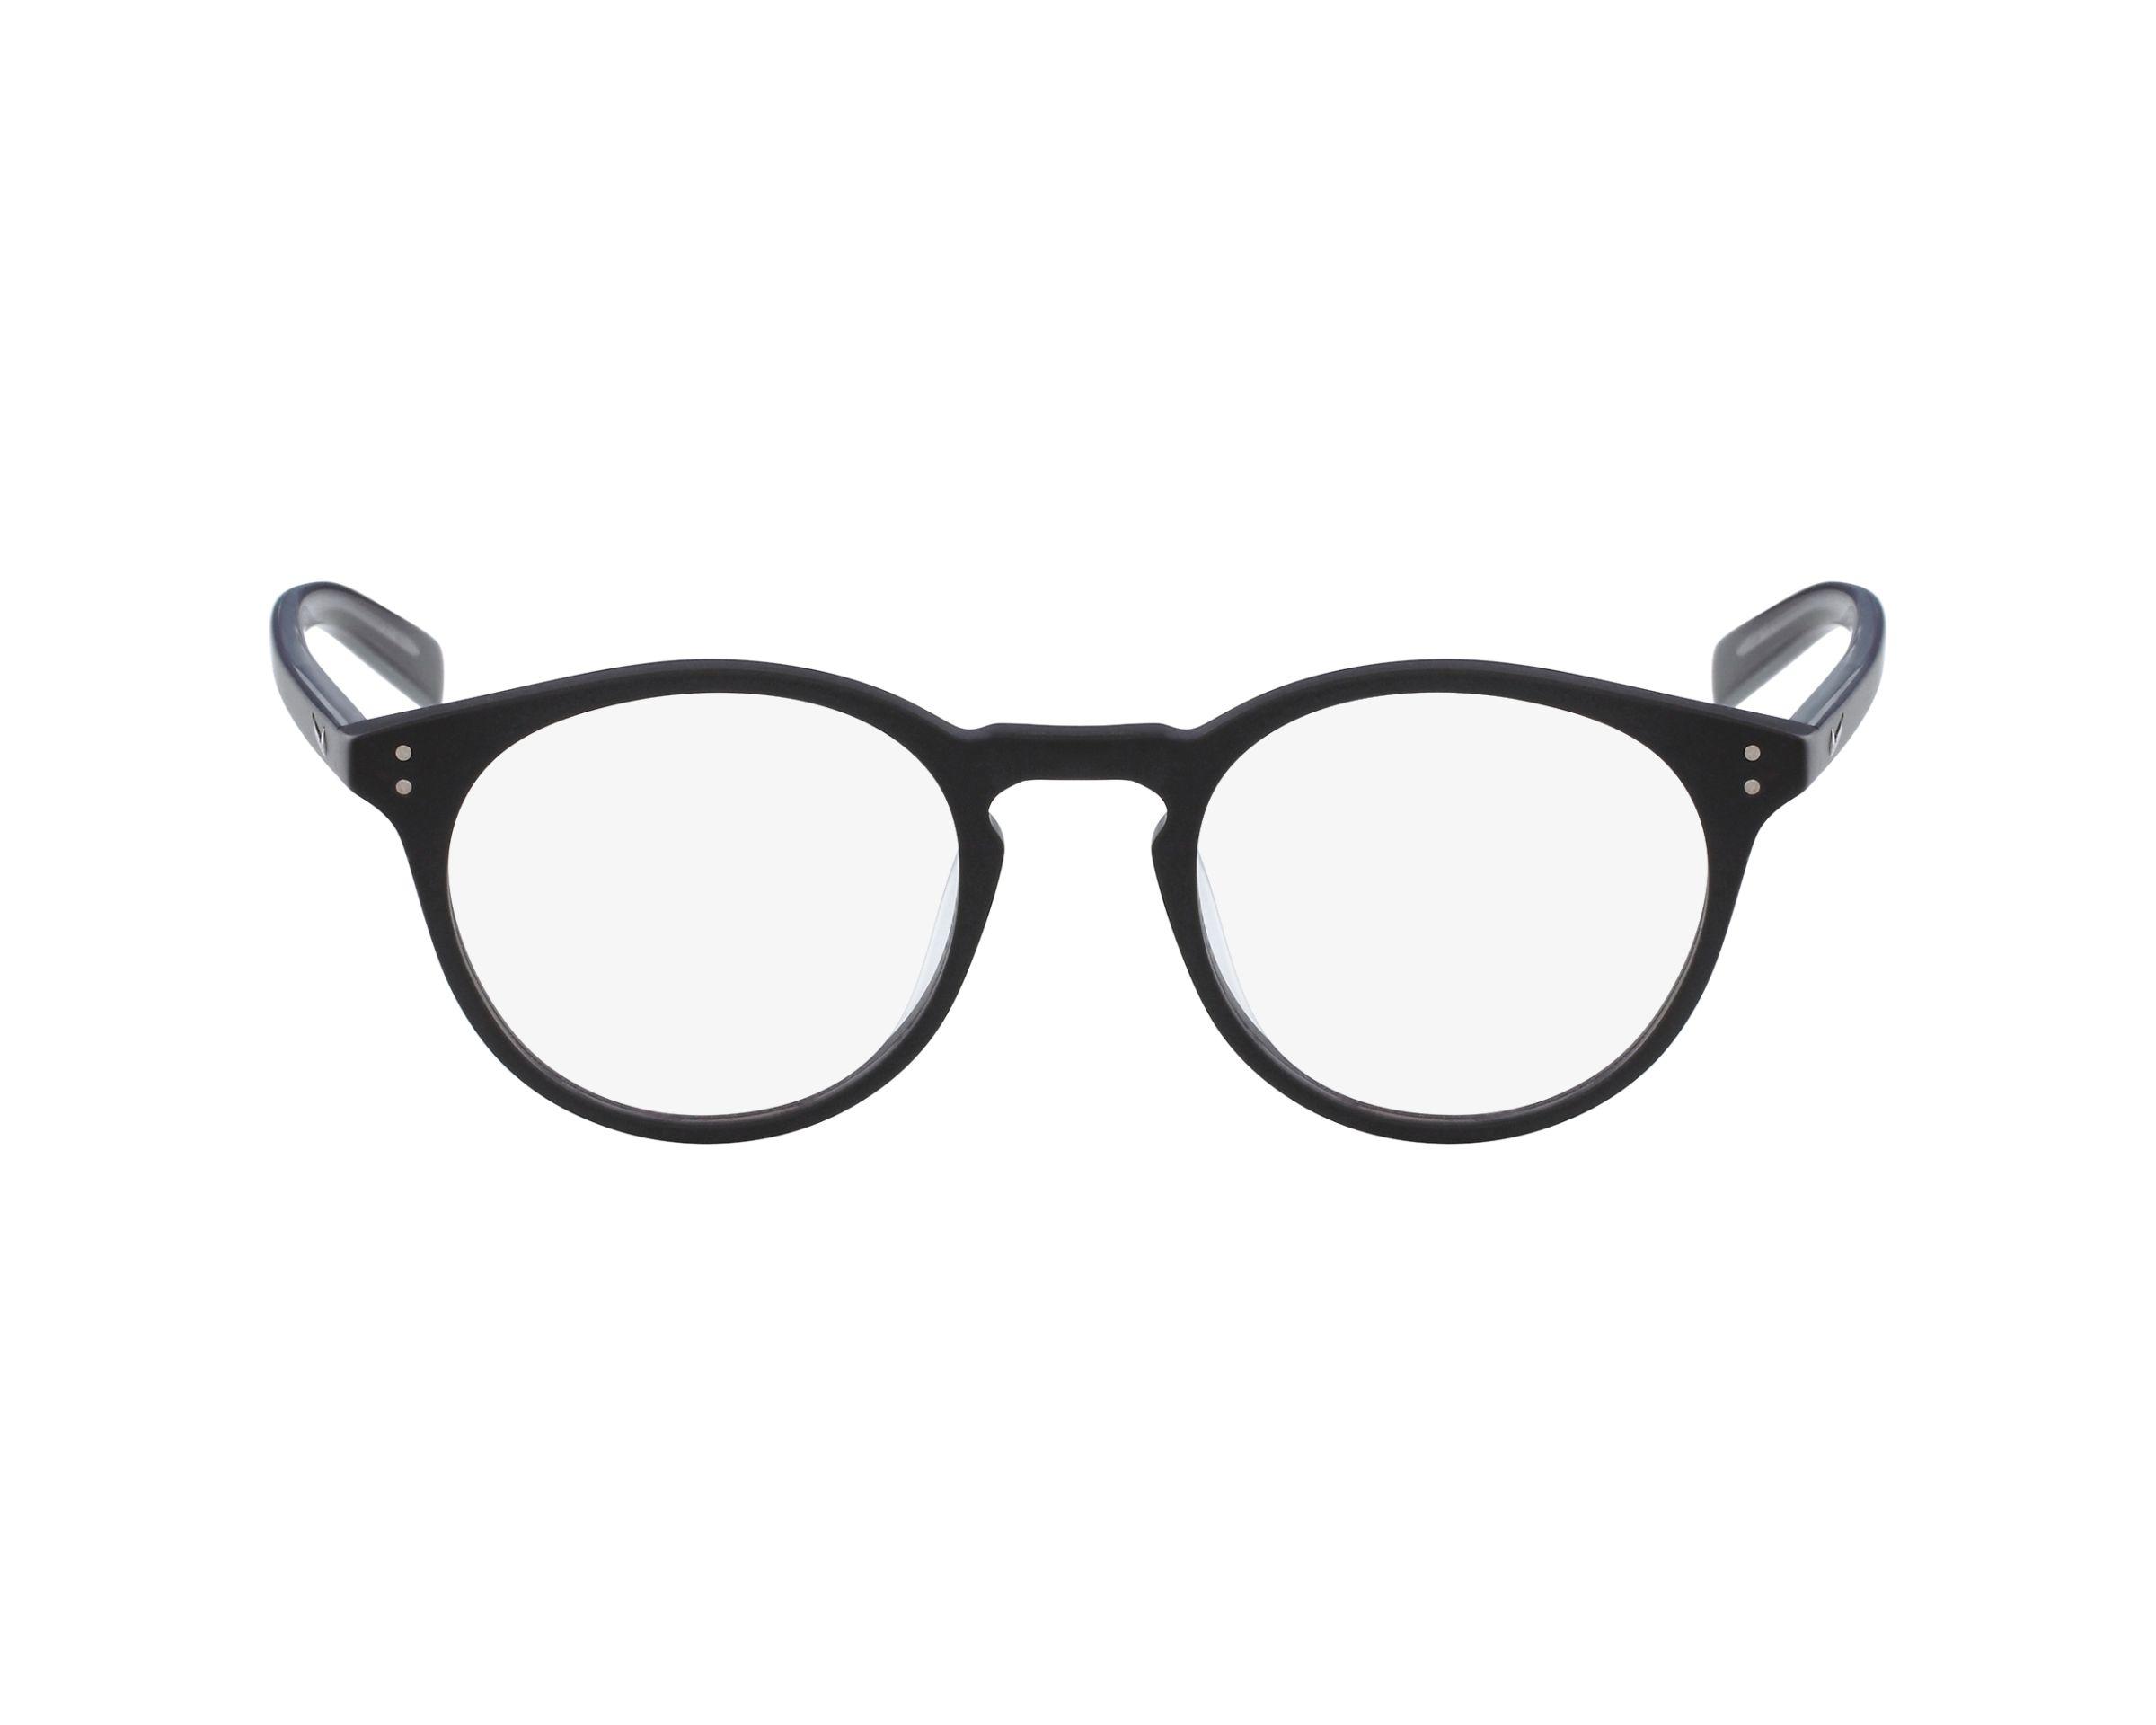 29d283aab699 eyeglasses Nike 36-KD 001 59-21 Black Crystal profile view